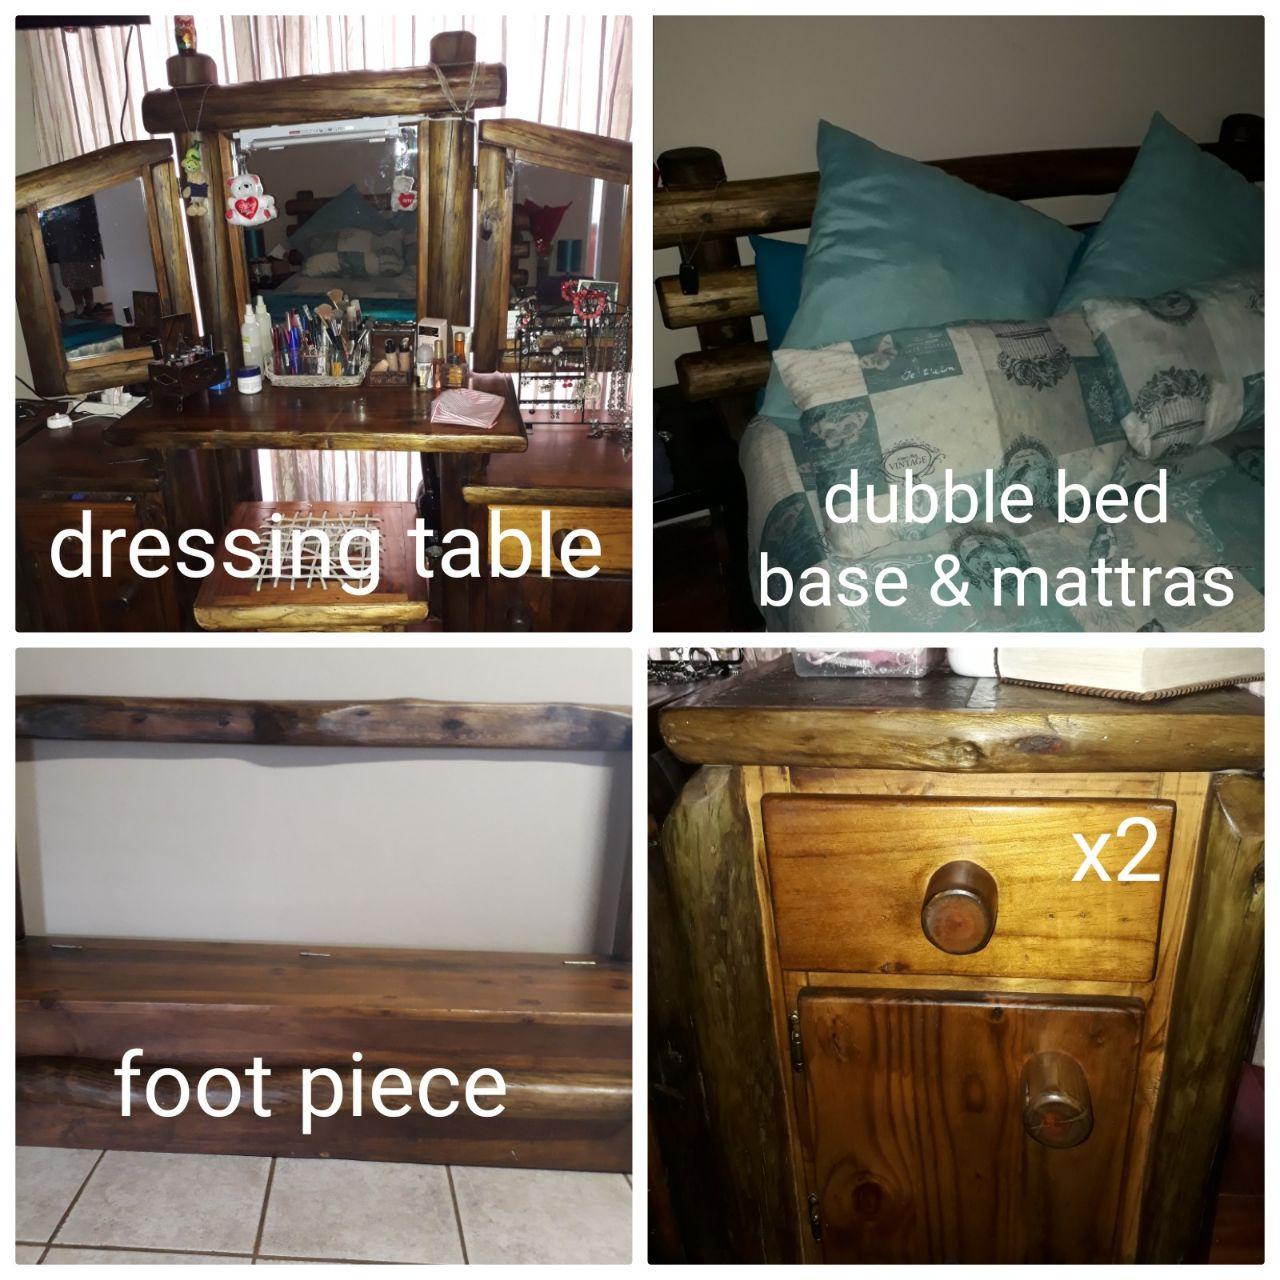 Bedroom set - log design with dressing table